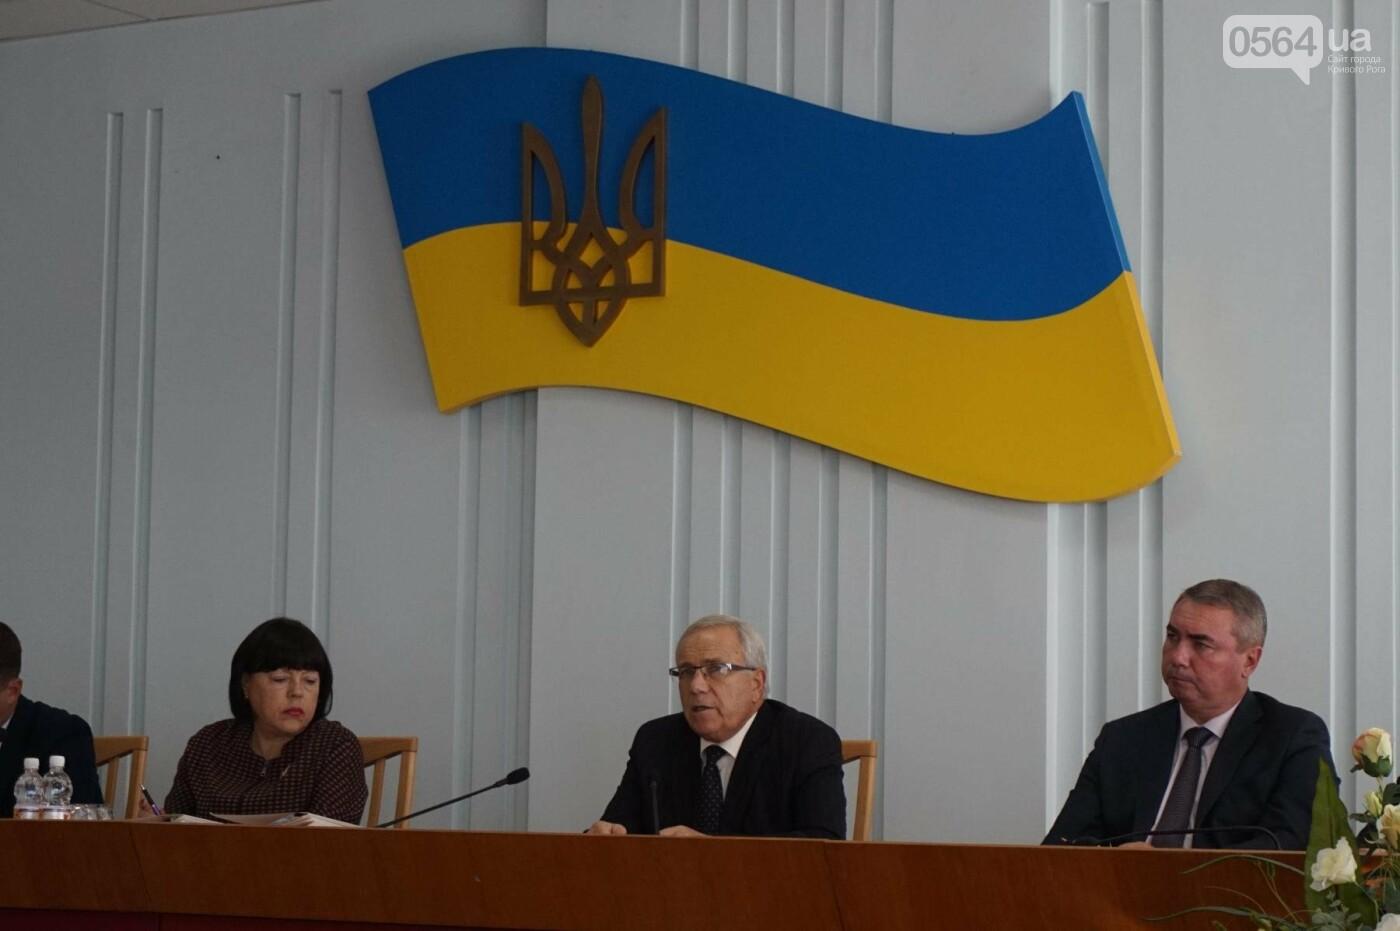 """""""Мы что, так хорошо отработали, что недостатков нет?"""" - криворожский мэр об итогах оздоровительной кампании (ФОТО), фото-6"""